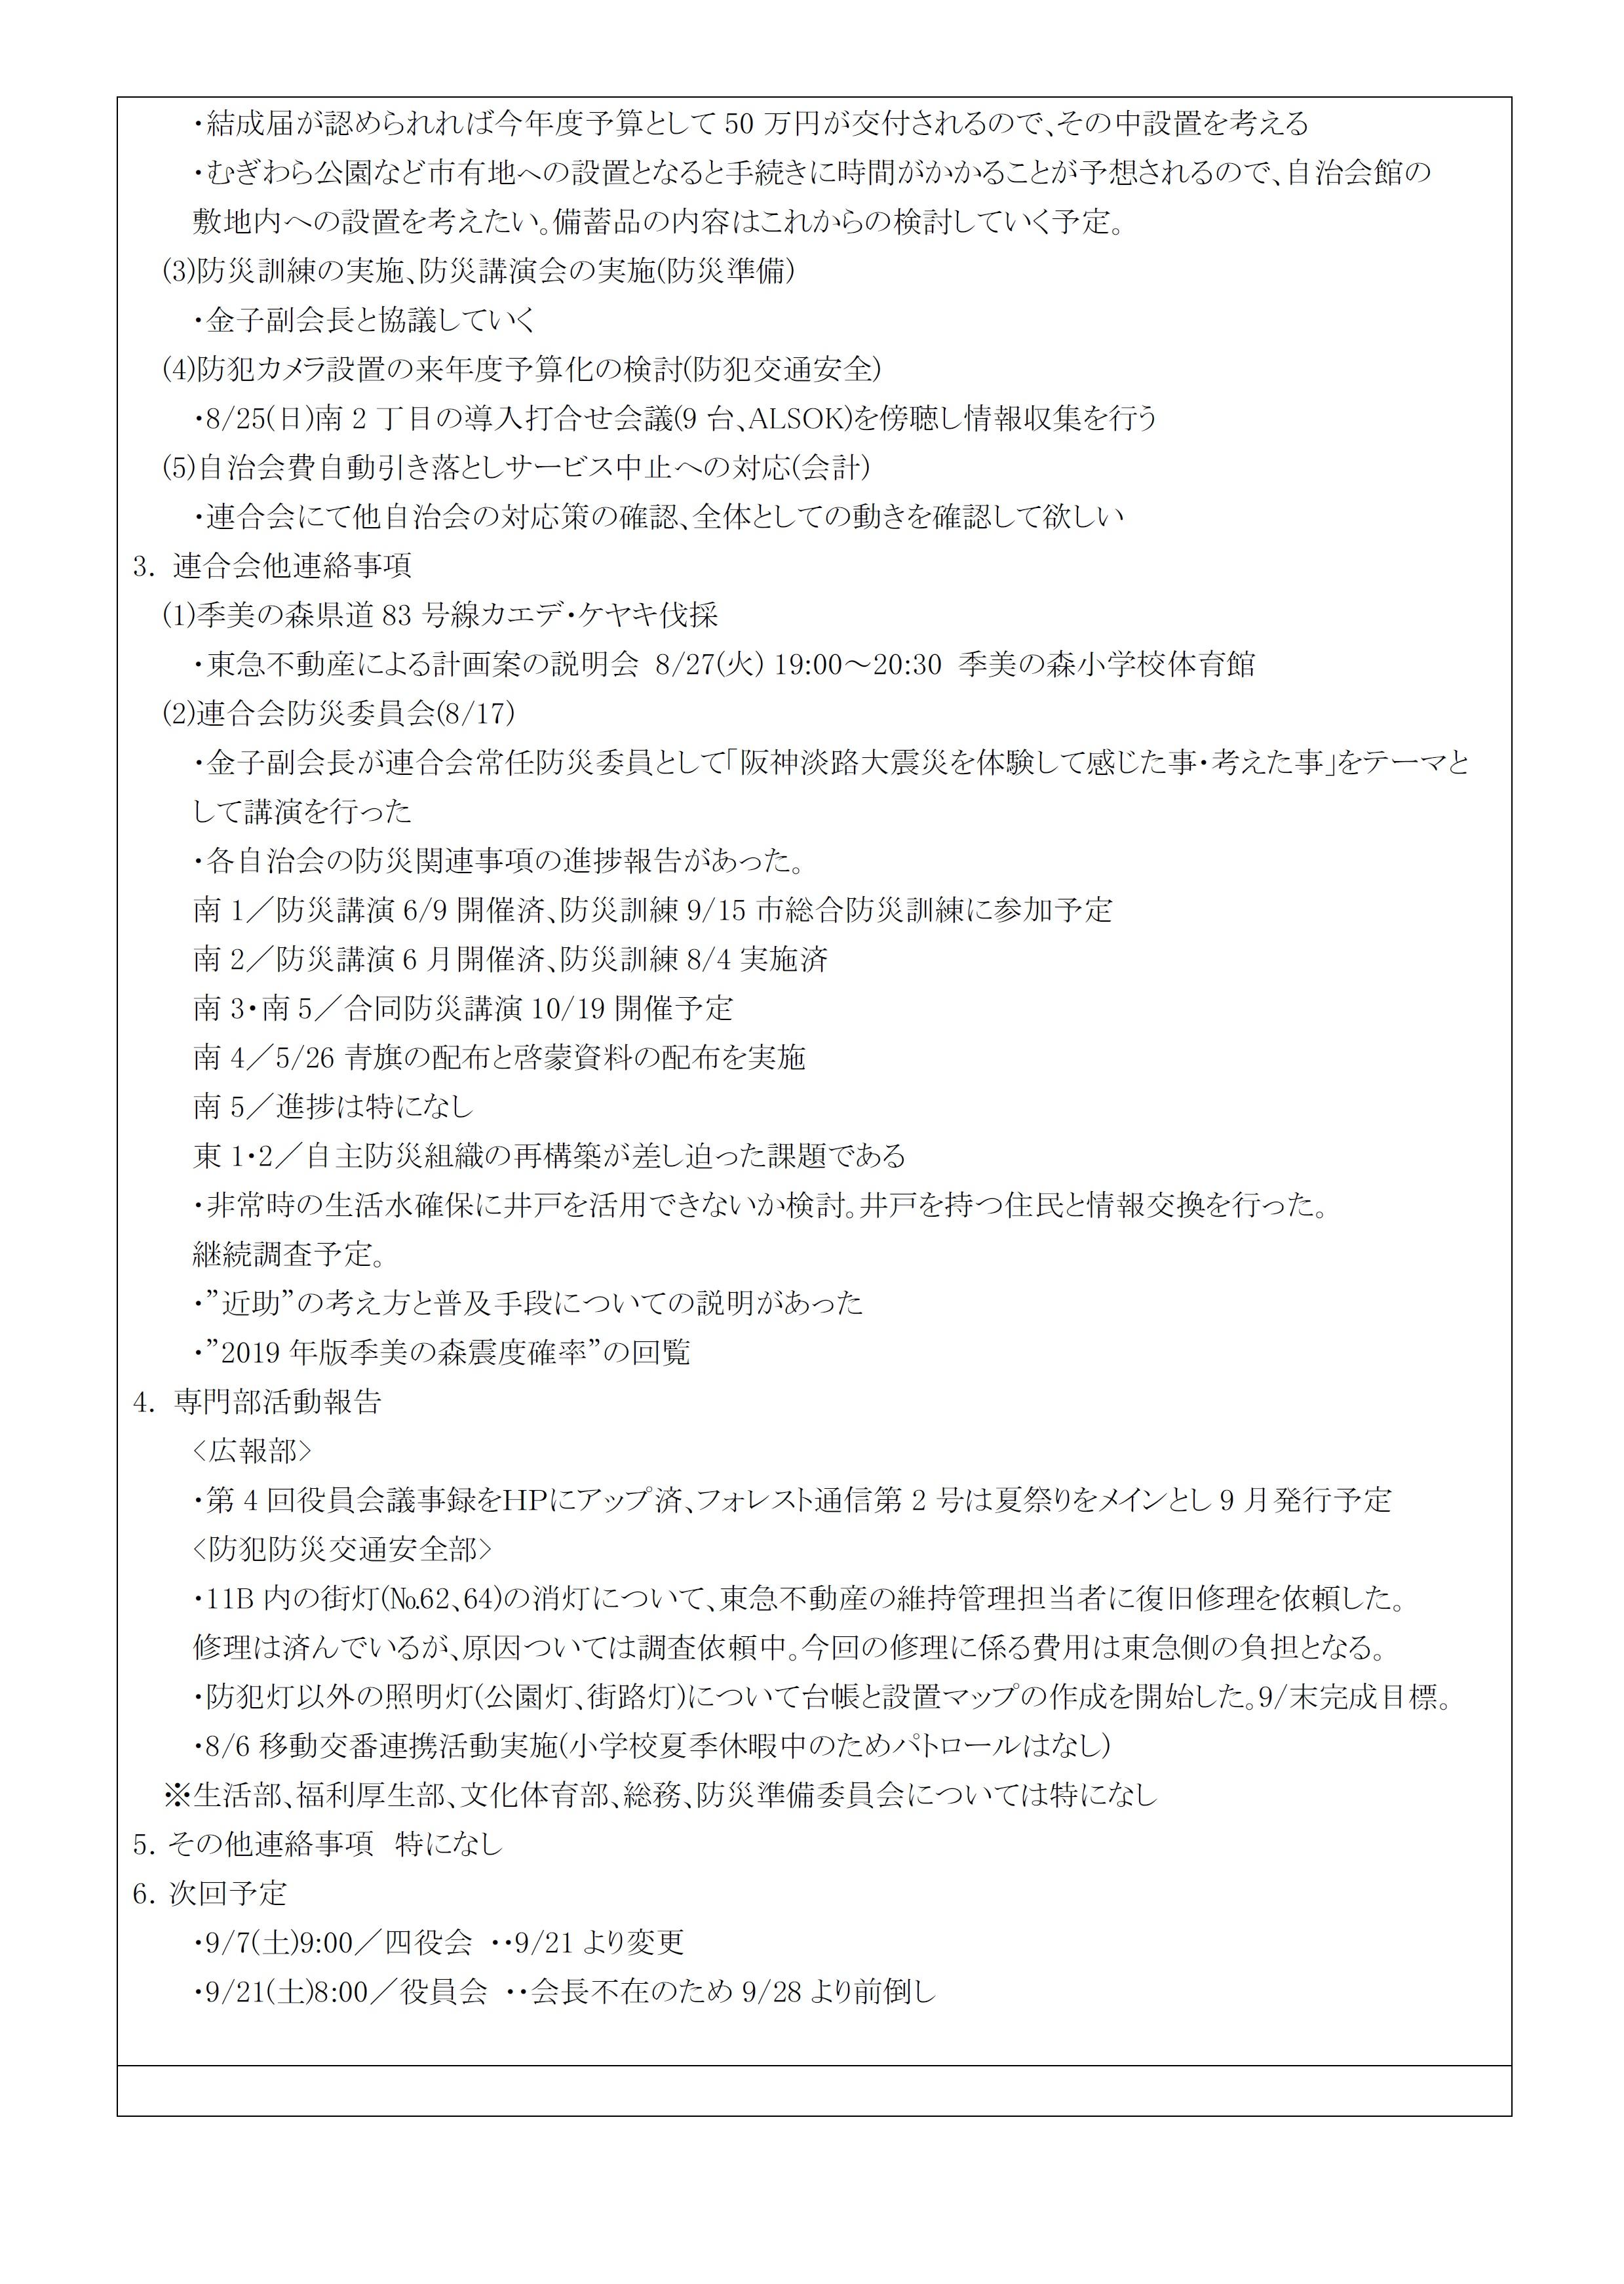 2019第5回役員会議事録P2